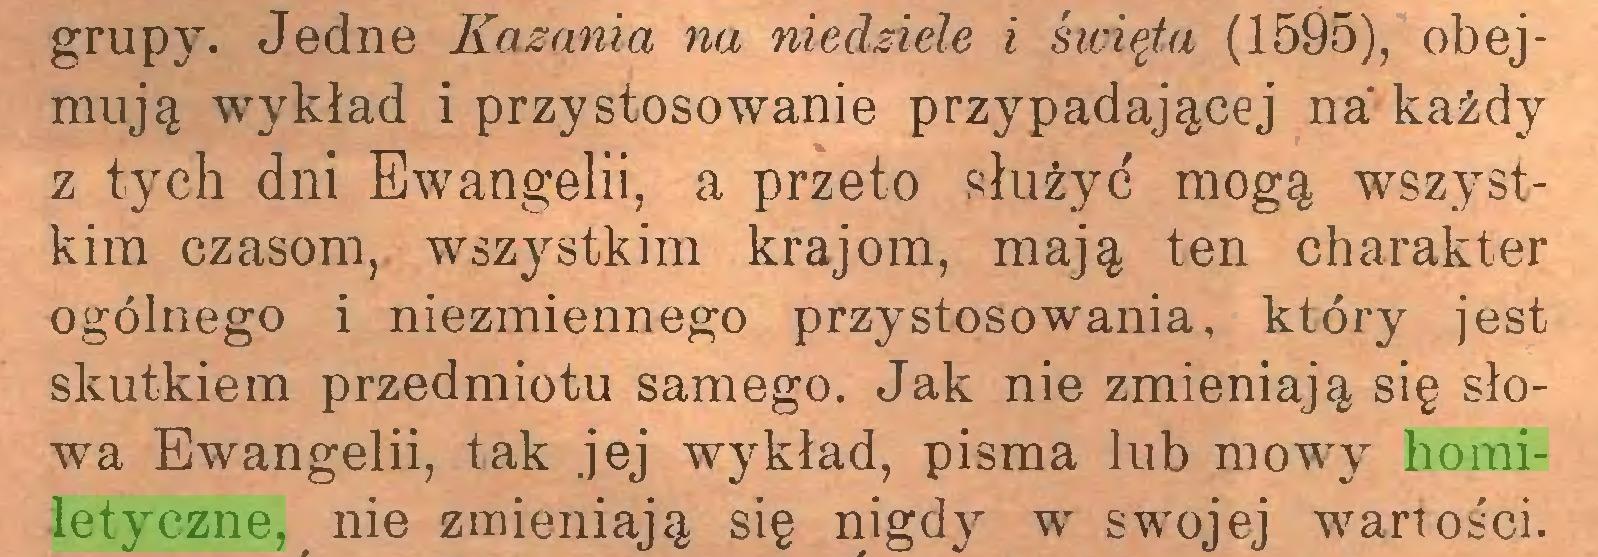 (...) grupy. Jedne Kazania na niedziele i święta (1595), obejmują wykład i przystosowanie przypadającej na każdy z tych dni Ewangelii, a przeto służyć mogą wszystkim czasom, wszystkim krajom, mają ten charakter ogólnego i niezmiennego przystosowania, który jest skutkiem przedmiotu samego. Jak nie zmieniają się słowa Ewangelii, tak jej wykład, pisma lub mowy homiletyczne, nie zmieniają się nigdy w swojej wartości...